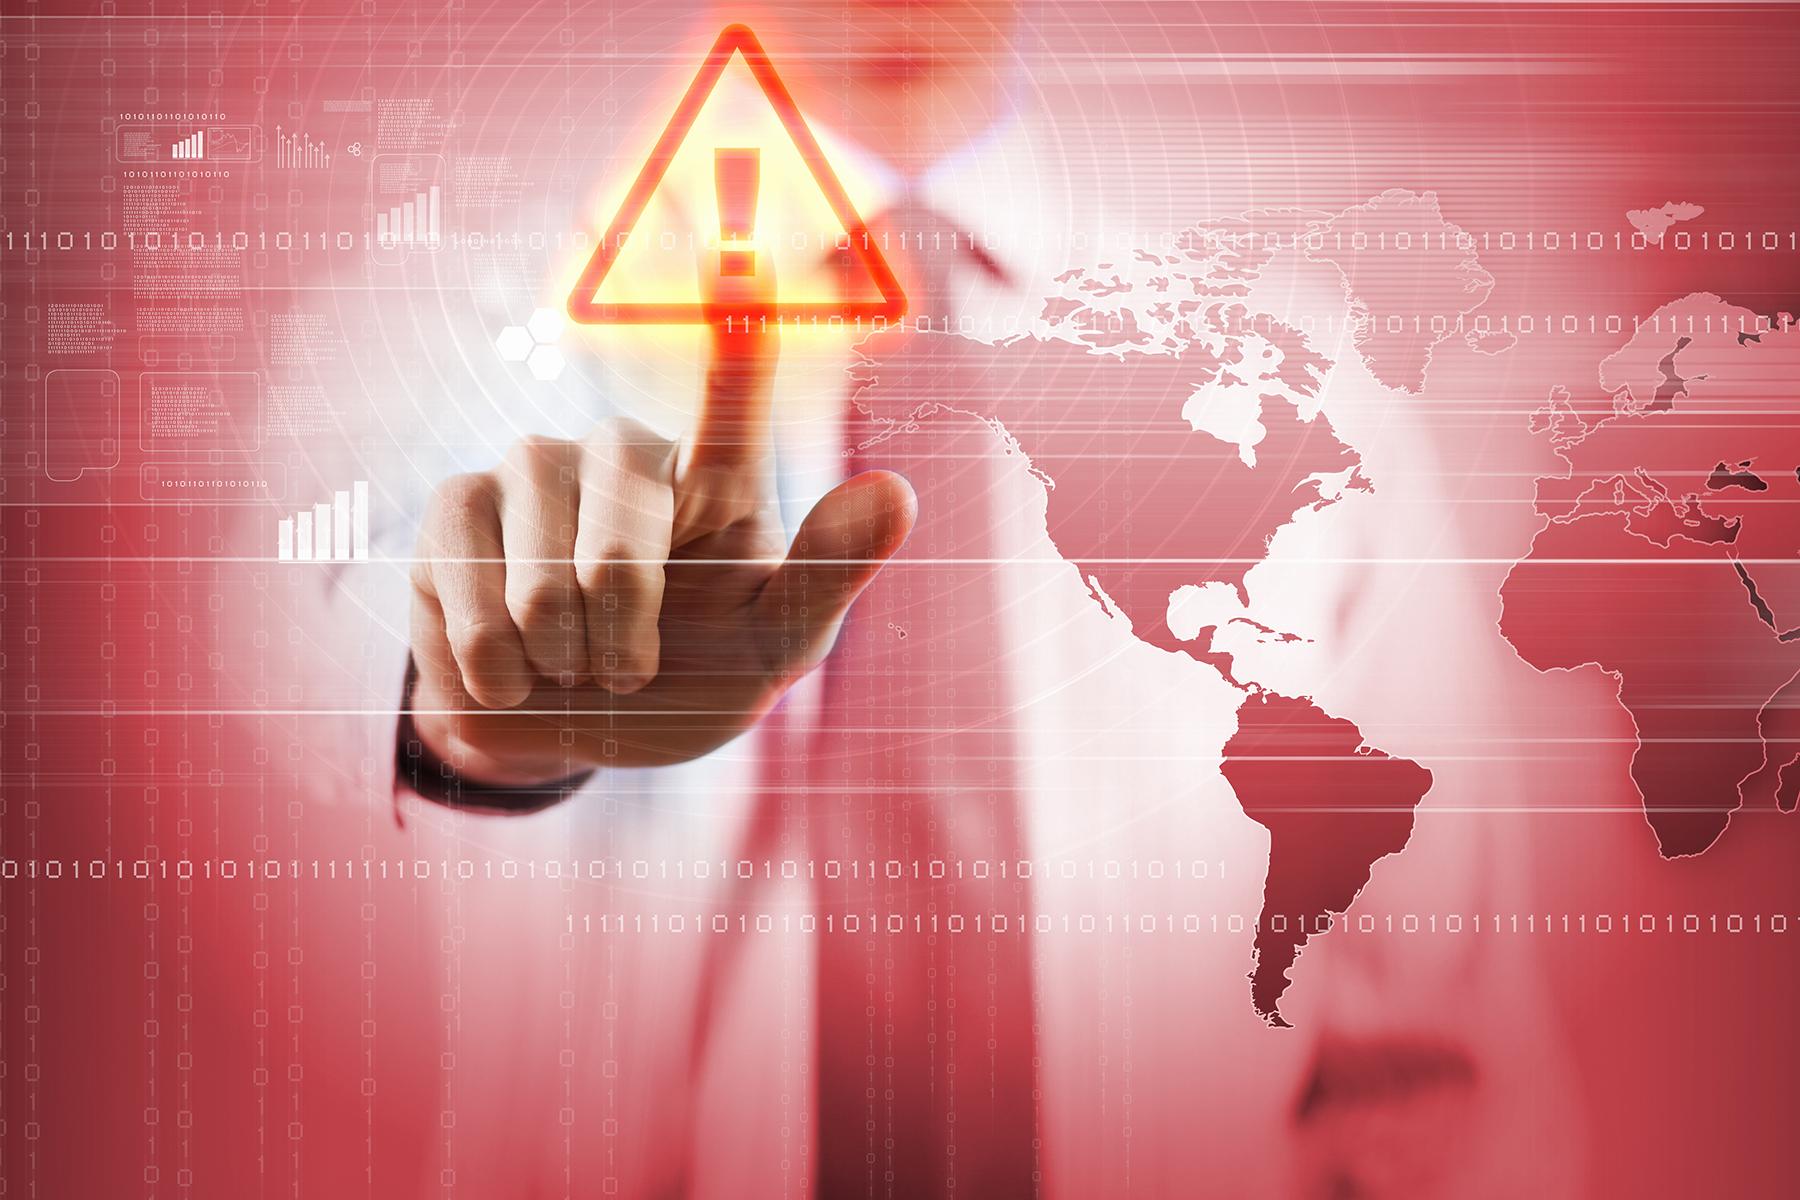 Implement A Major Incident Management Process